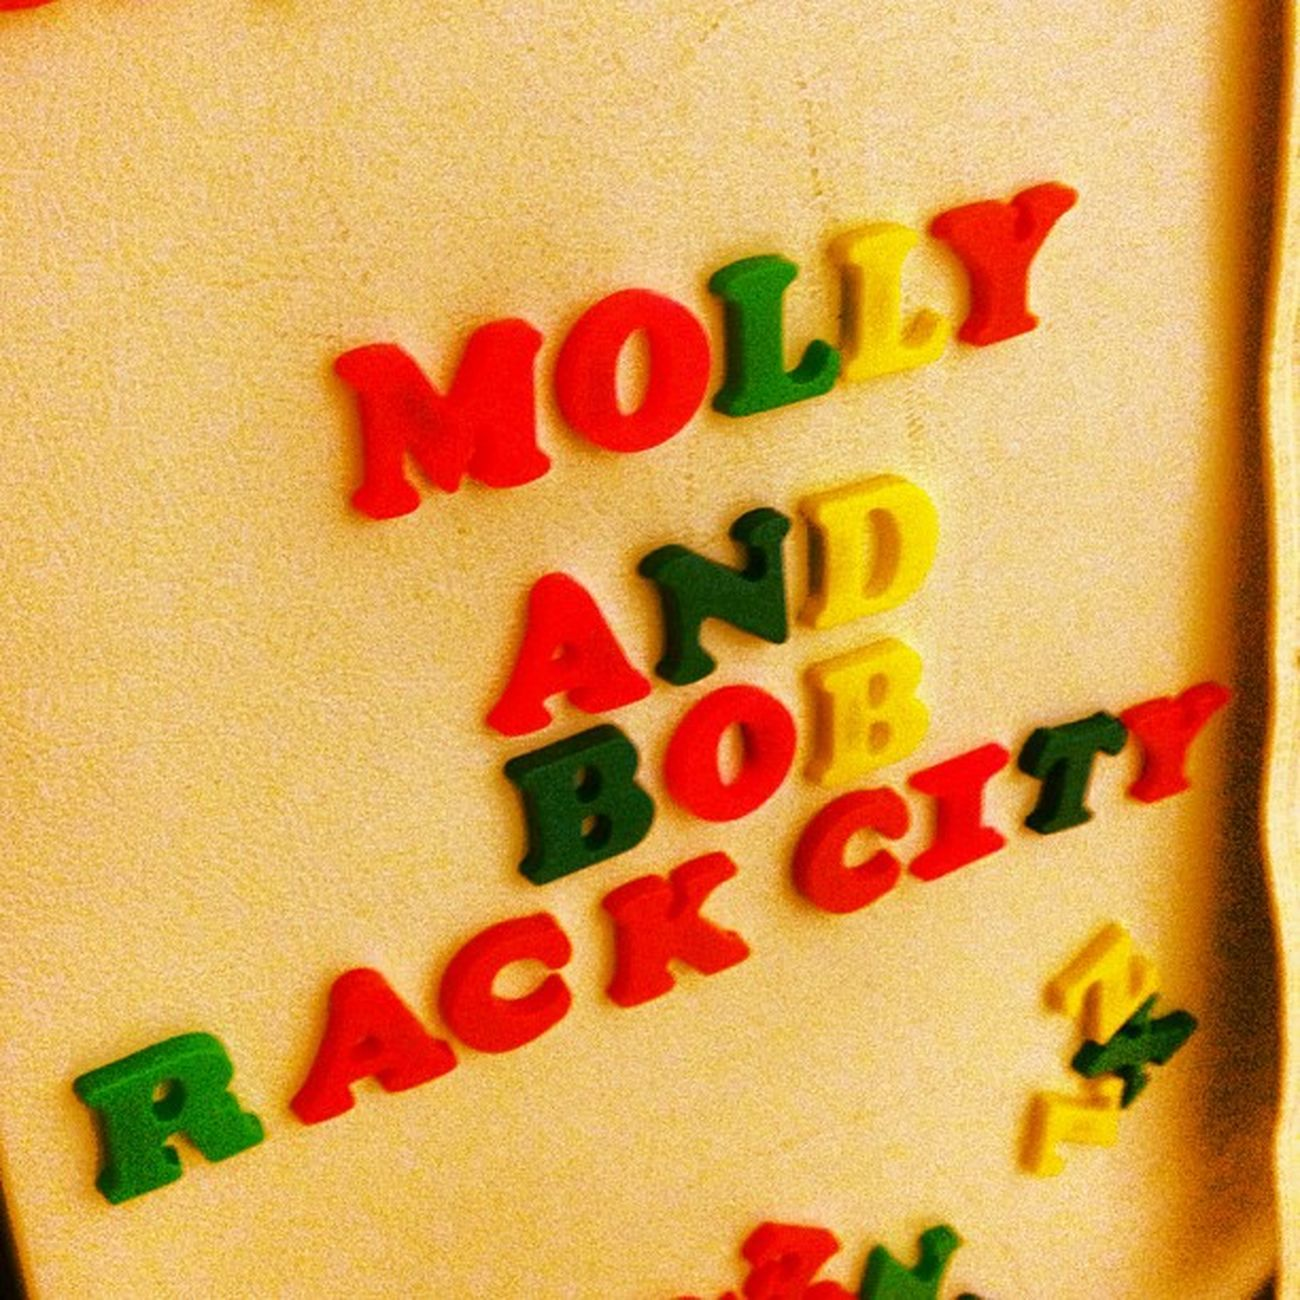 TBT  RackCity @moll_doll1 Missyou